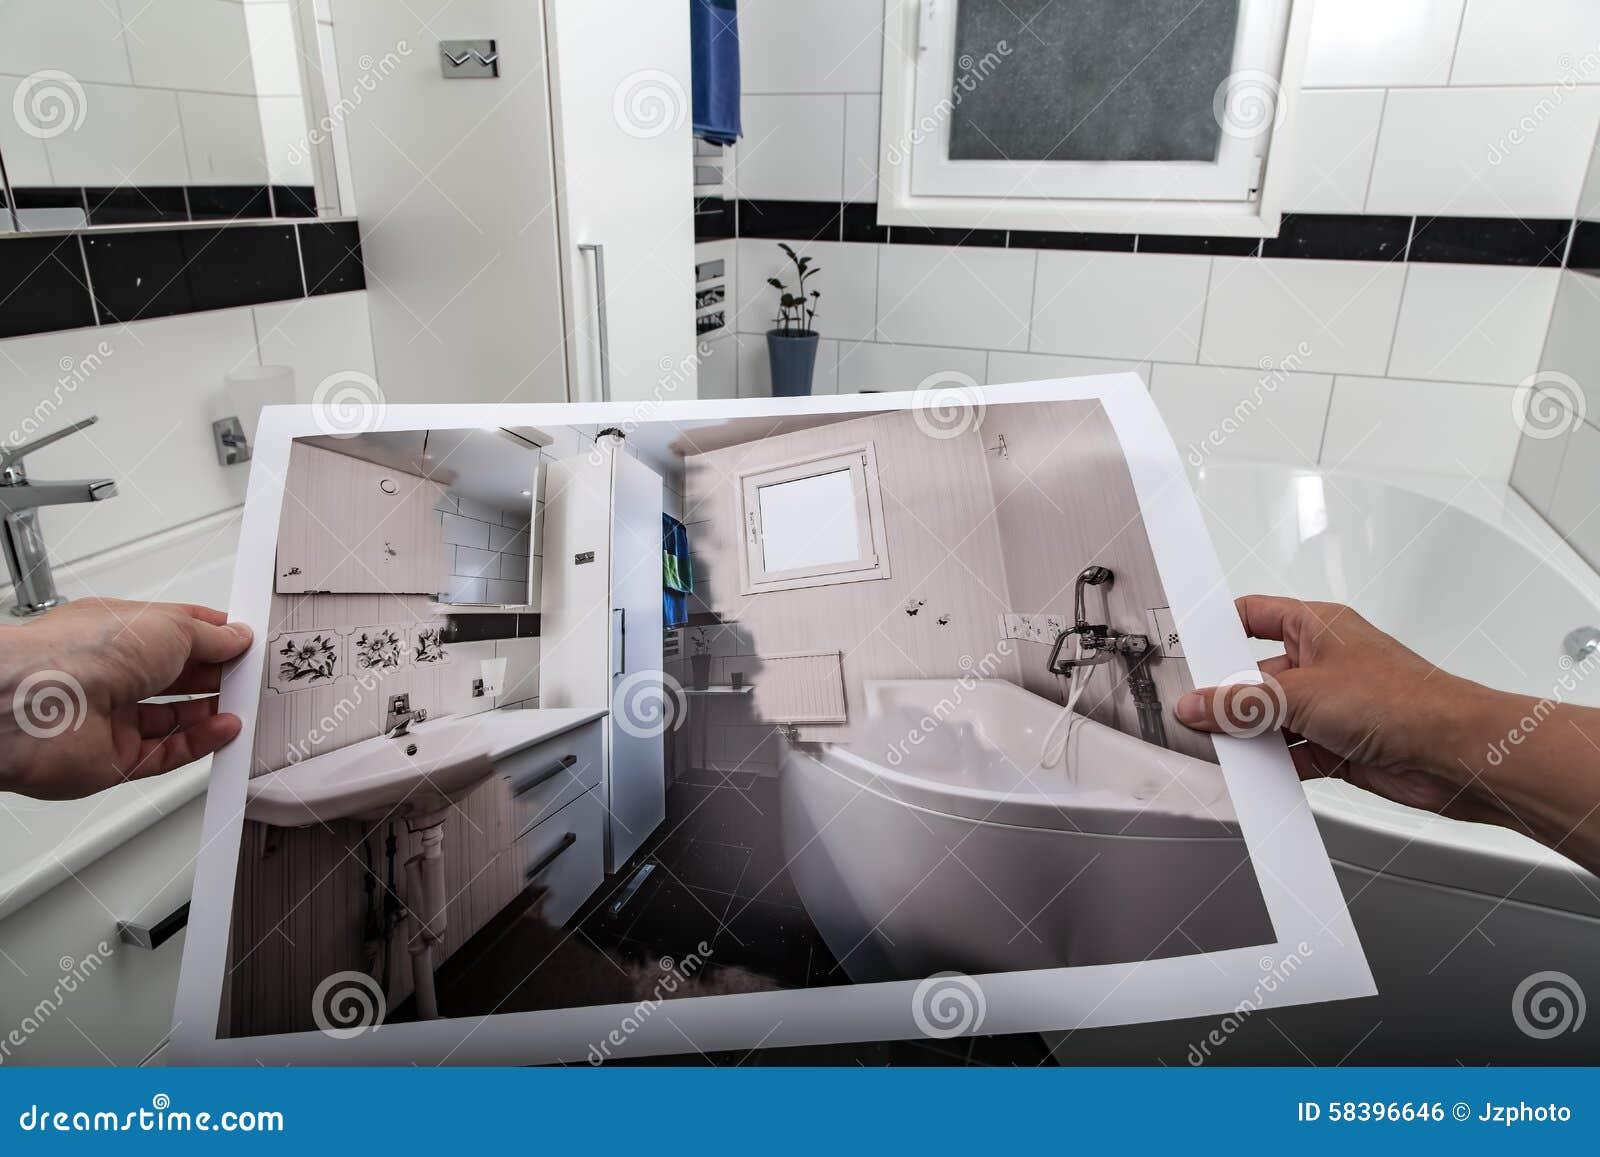 Реновация ванной комнаты